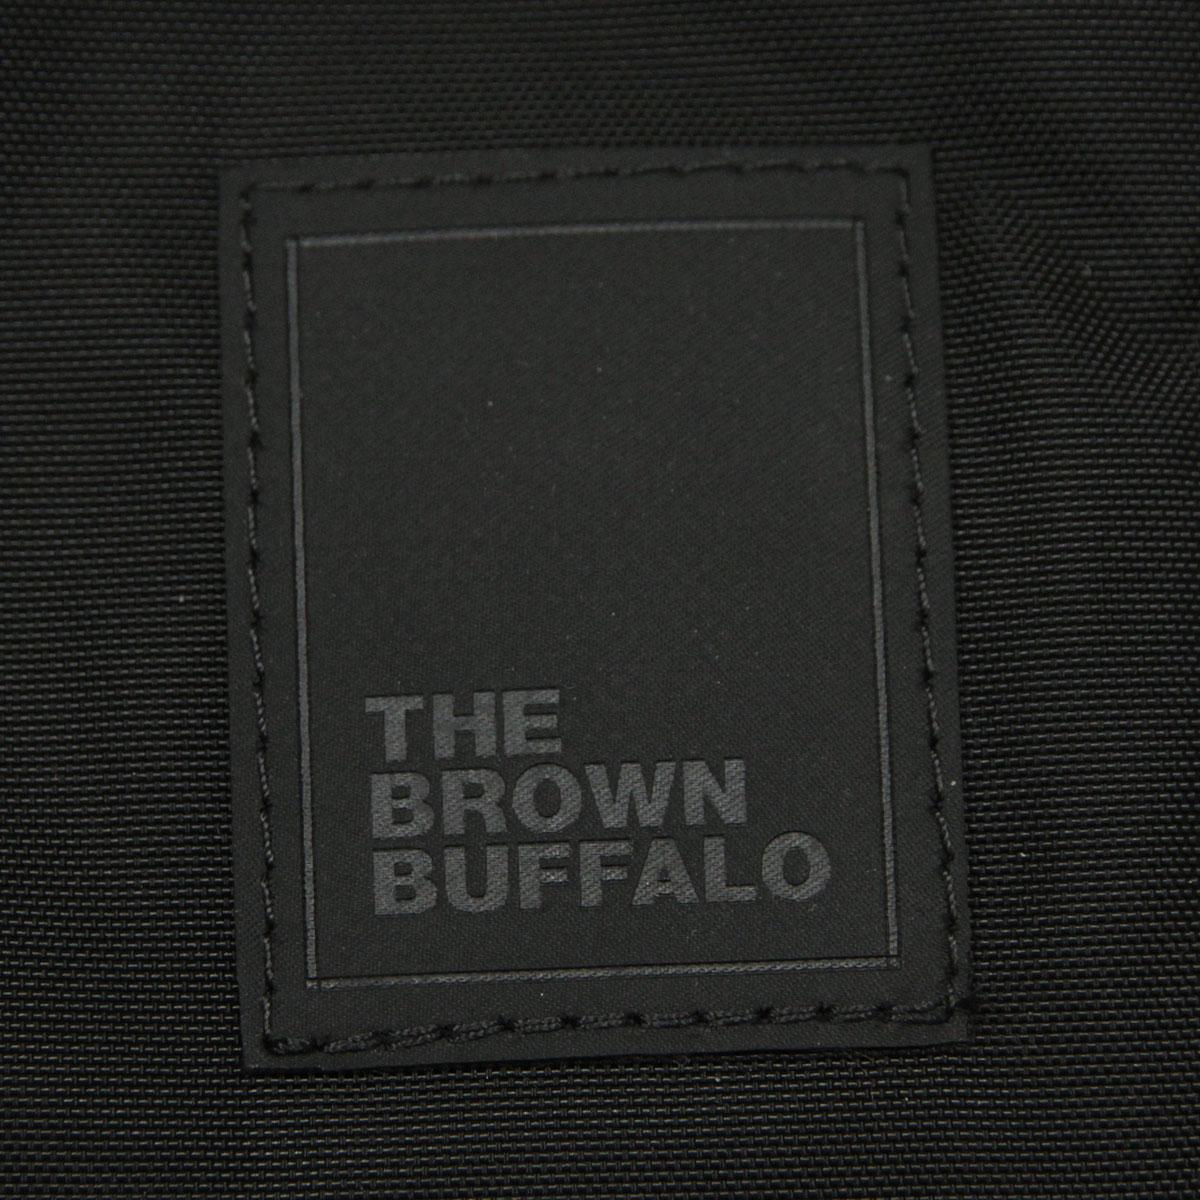 ザ ブラウン バッファロー バッグ メンズ レディース 正規販売店 THE BROWN BUFFALO ショルダーバッグ サコッシュ ミニショルダー PACKERSLING BLACK F18PS420DBLK1 AA7B B3C C8D D4E E13F